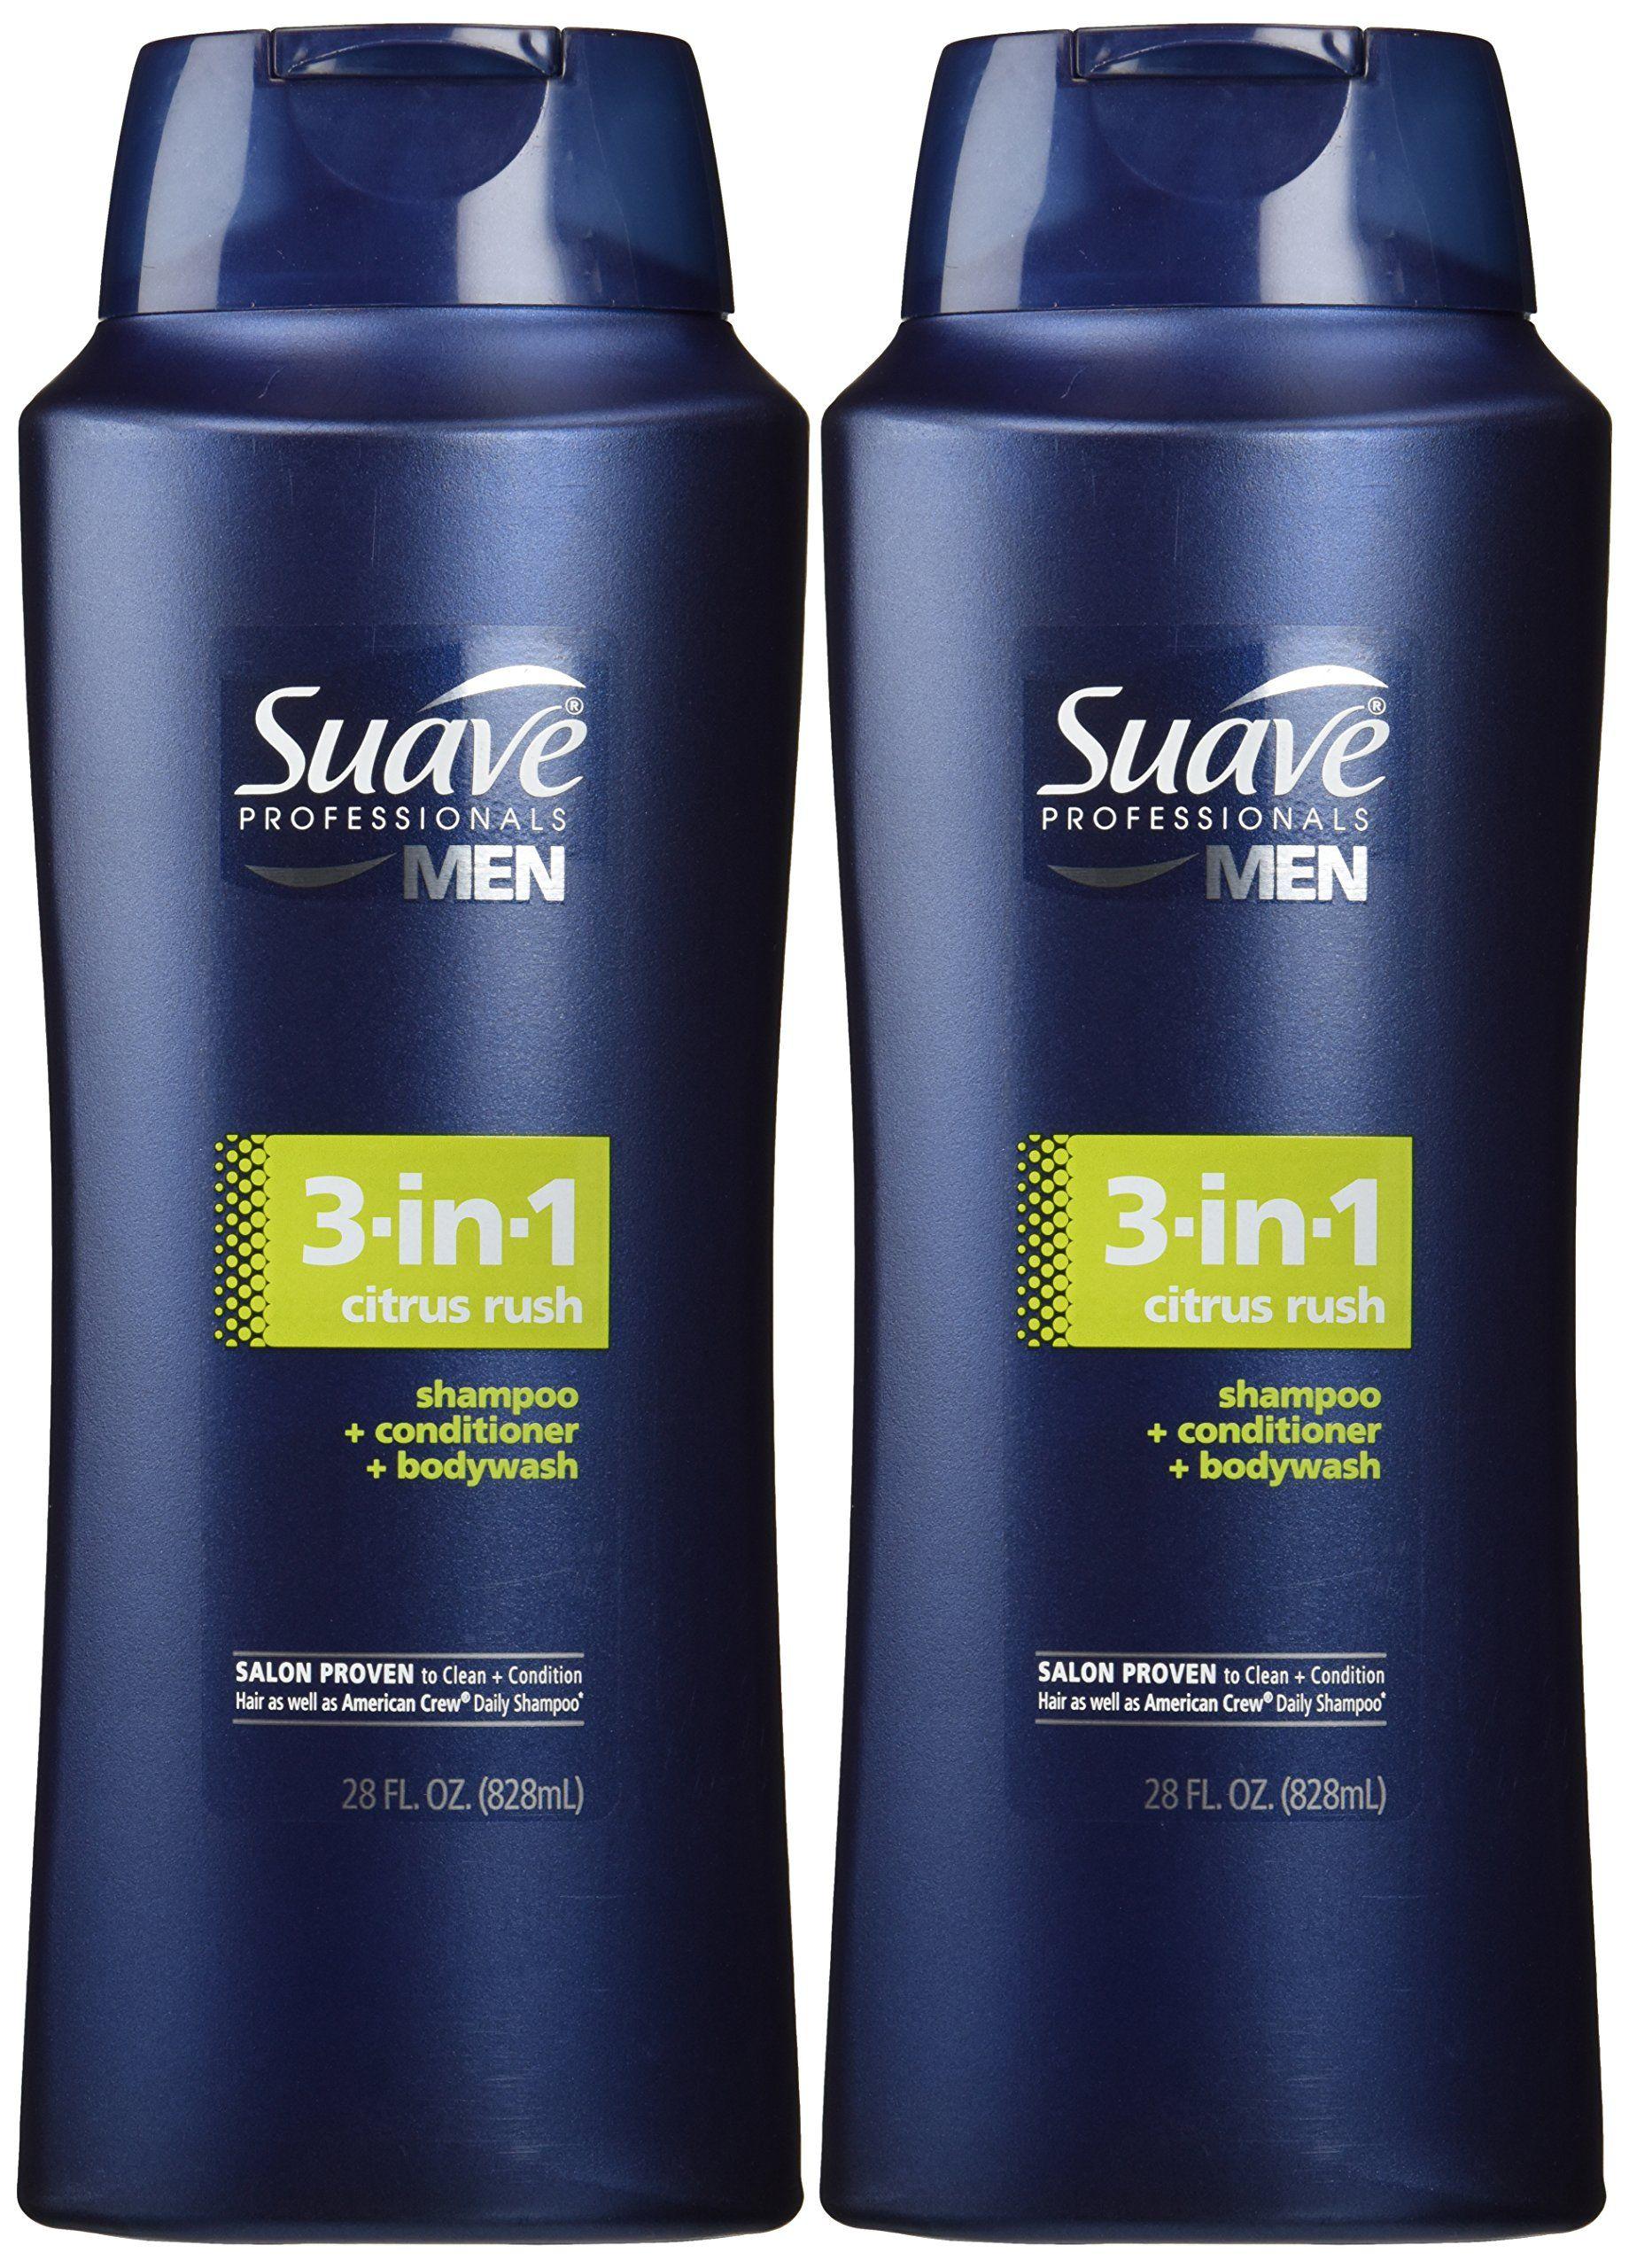 0bdf0645761e Suave Men 3 in 1 Shampoo Conditioner and Body Wash Citrus Rush 28 ...